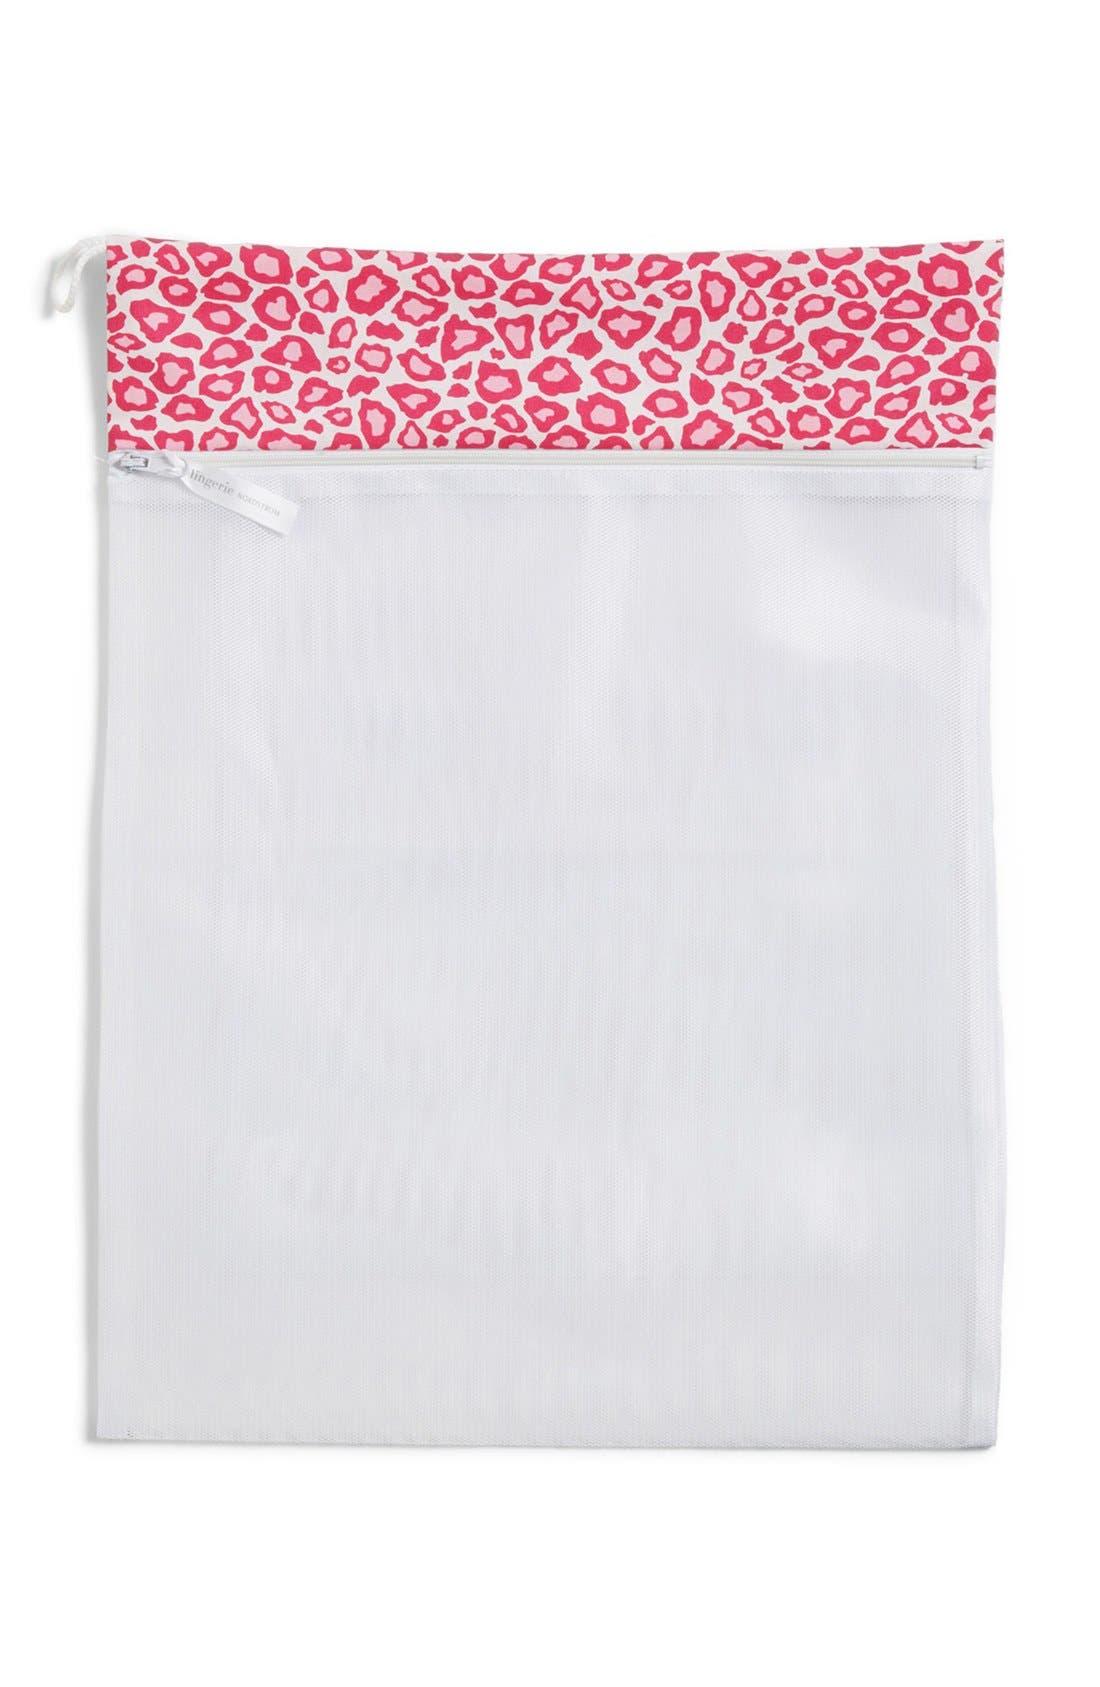 Main Image - Nordstrom Intimates Leopard Trim Lingerie Wash Bag